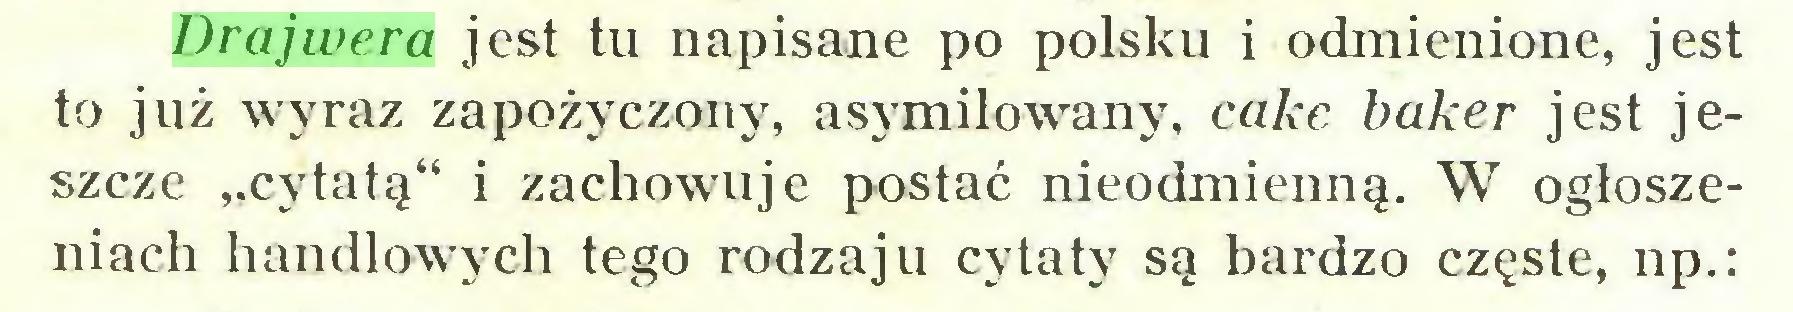 """(...) Drajwera jest tu napisane po polsku i odmienione, jest to już wyraz zapożyczony, asymilowany, cake baker jest jeszcze """"cytatą"""" i zachowuje postać nieodmienną. W ogłoszeniach handlowych tego rodzaju cytaty są bardzo częste, np.:..."""